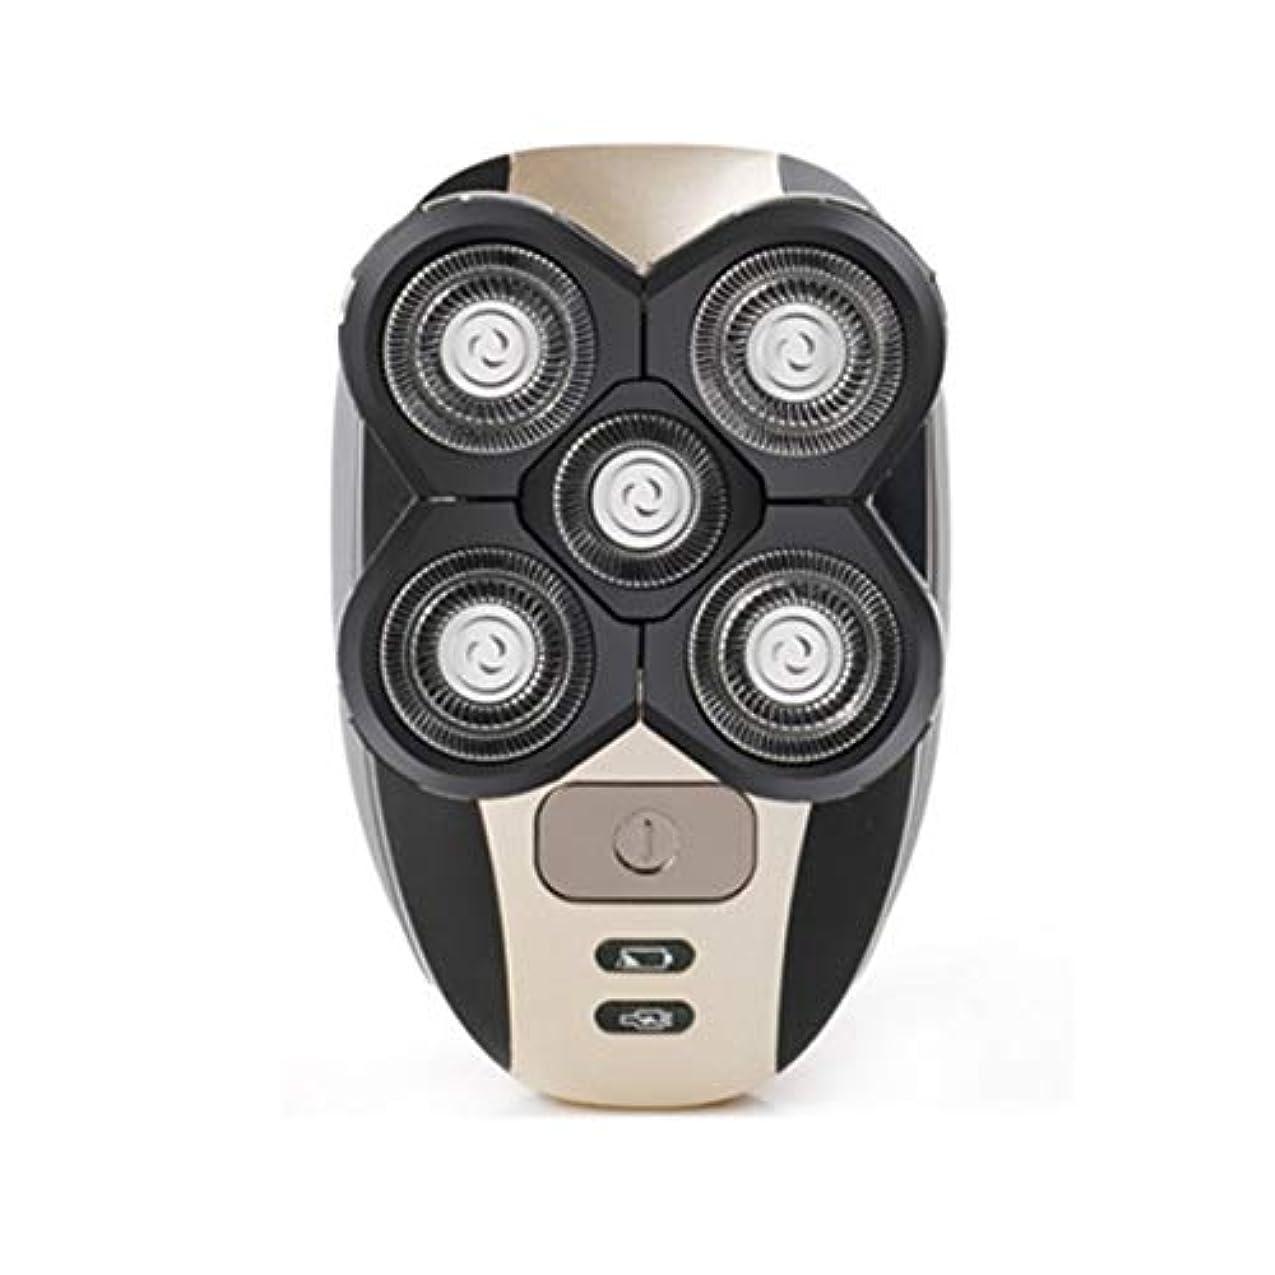 ジョガー急性特異性シェーバーシェービングヘッド電気充電式かみそりクリッパーメンズトリミングセット-Rustle666